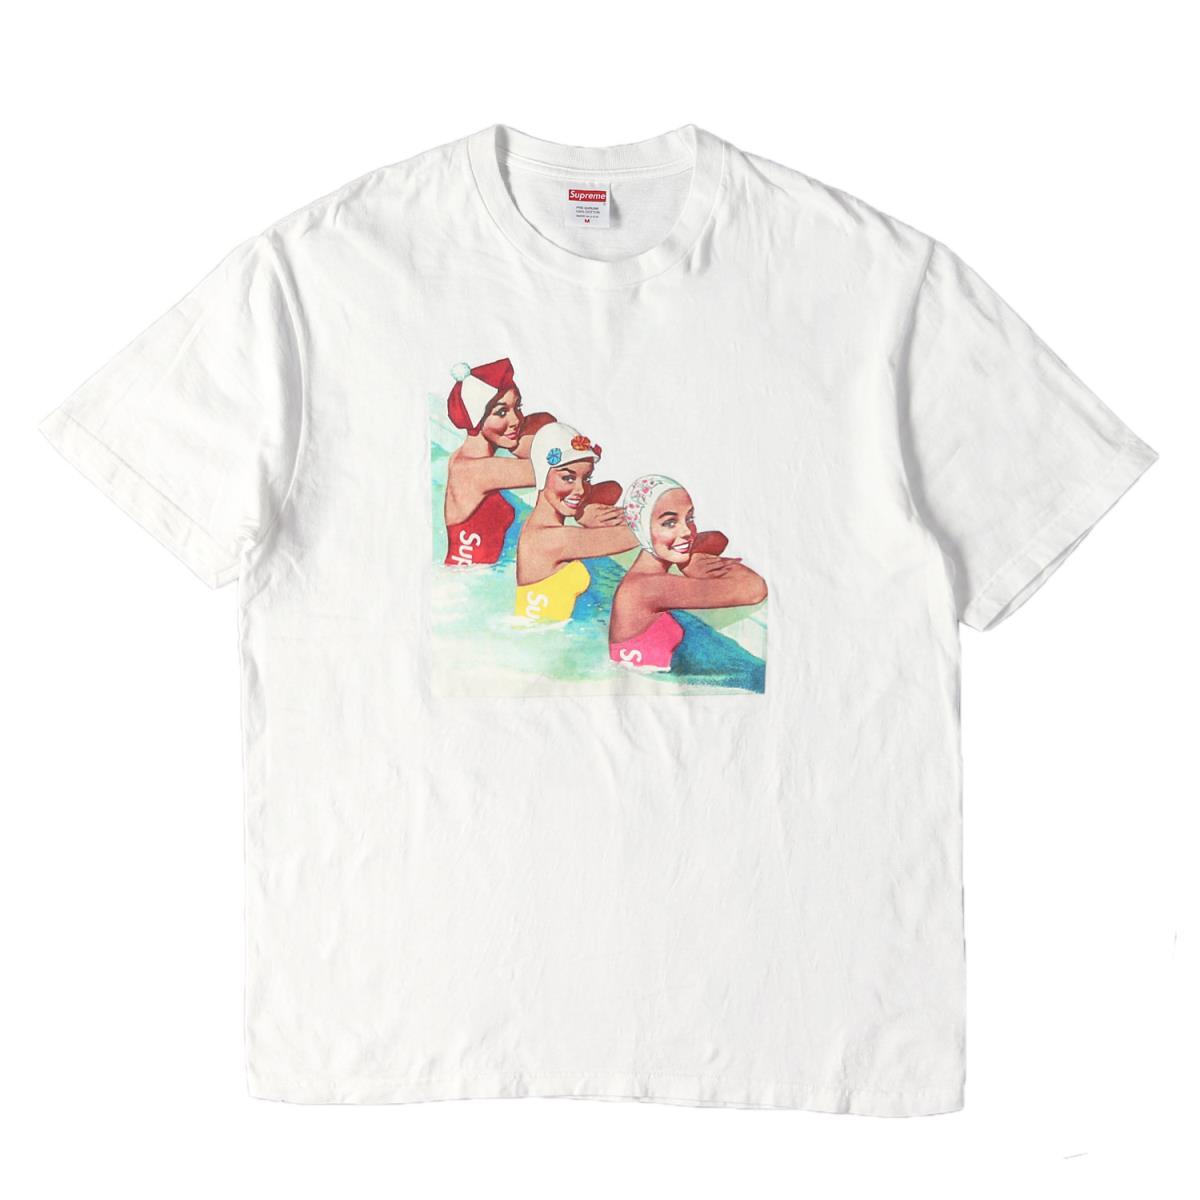 Supreme (シュプリーム) Tシャツ 18SS スイマーズ グラフィック Tシャツ Swimmers Tee ホワイト M 【メンズ】【中古】【K2395】【あす楽☆対応可】